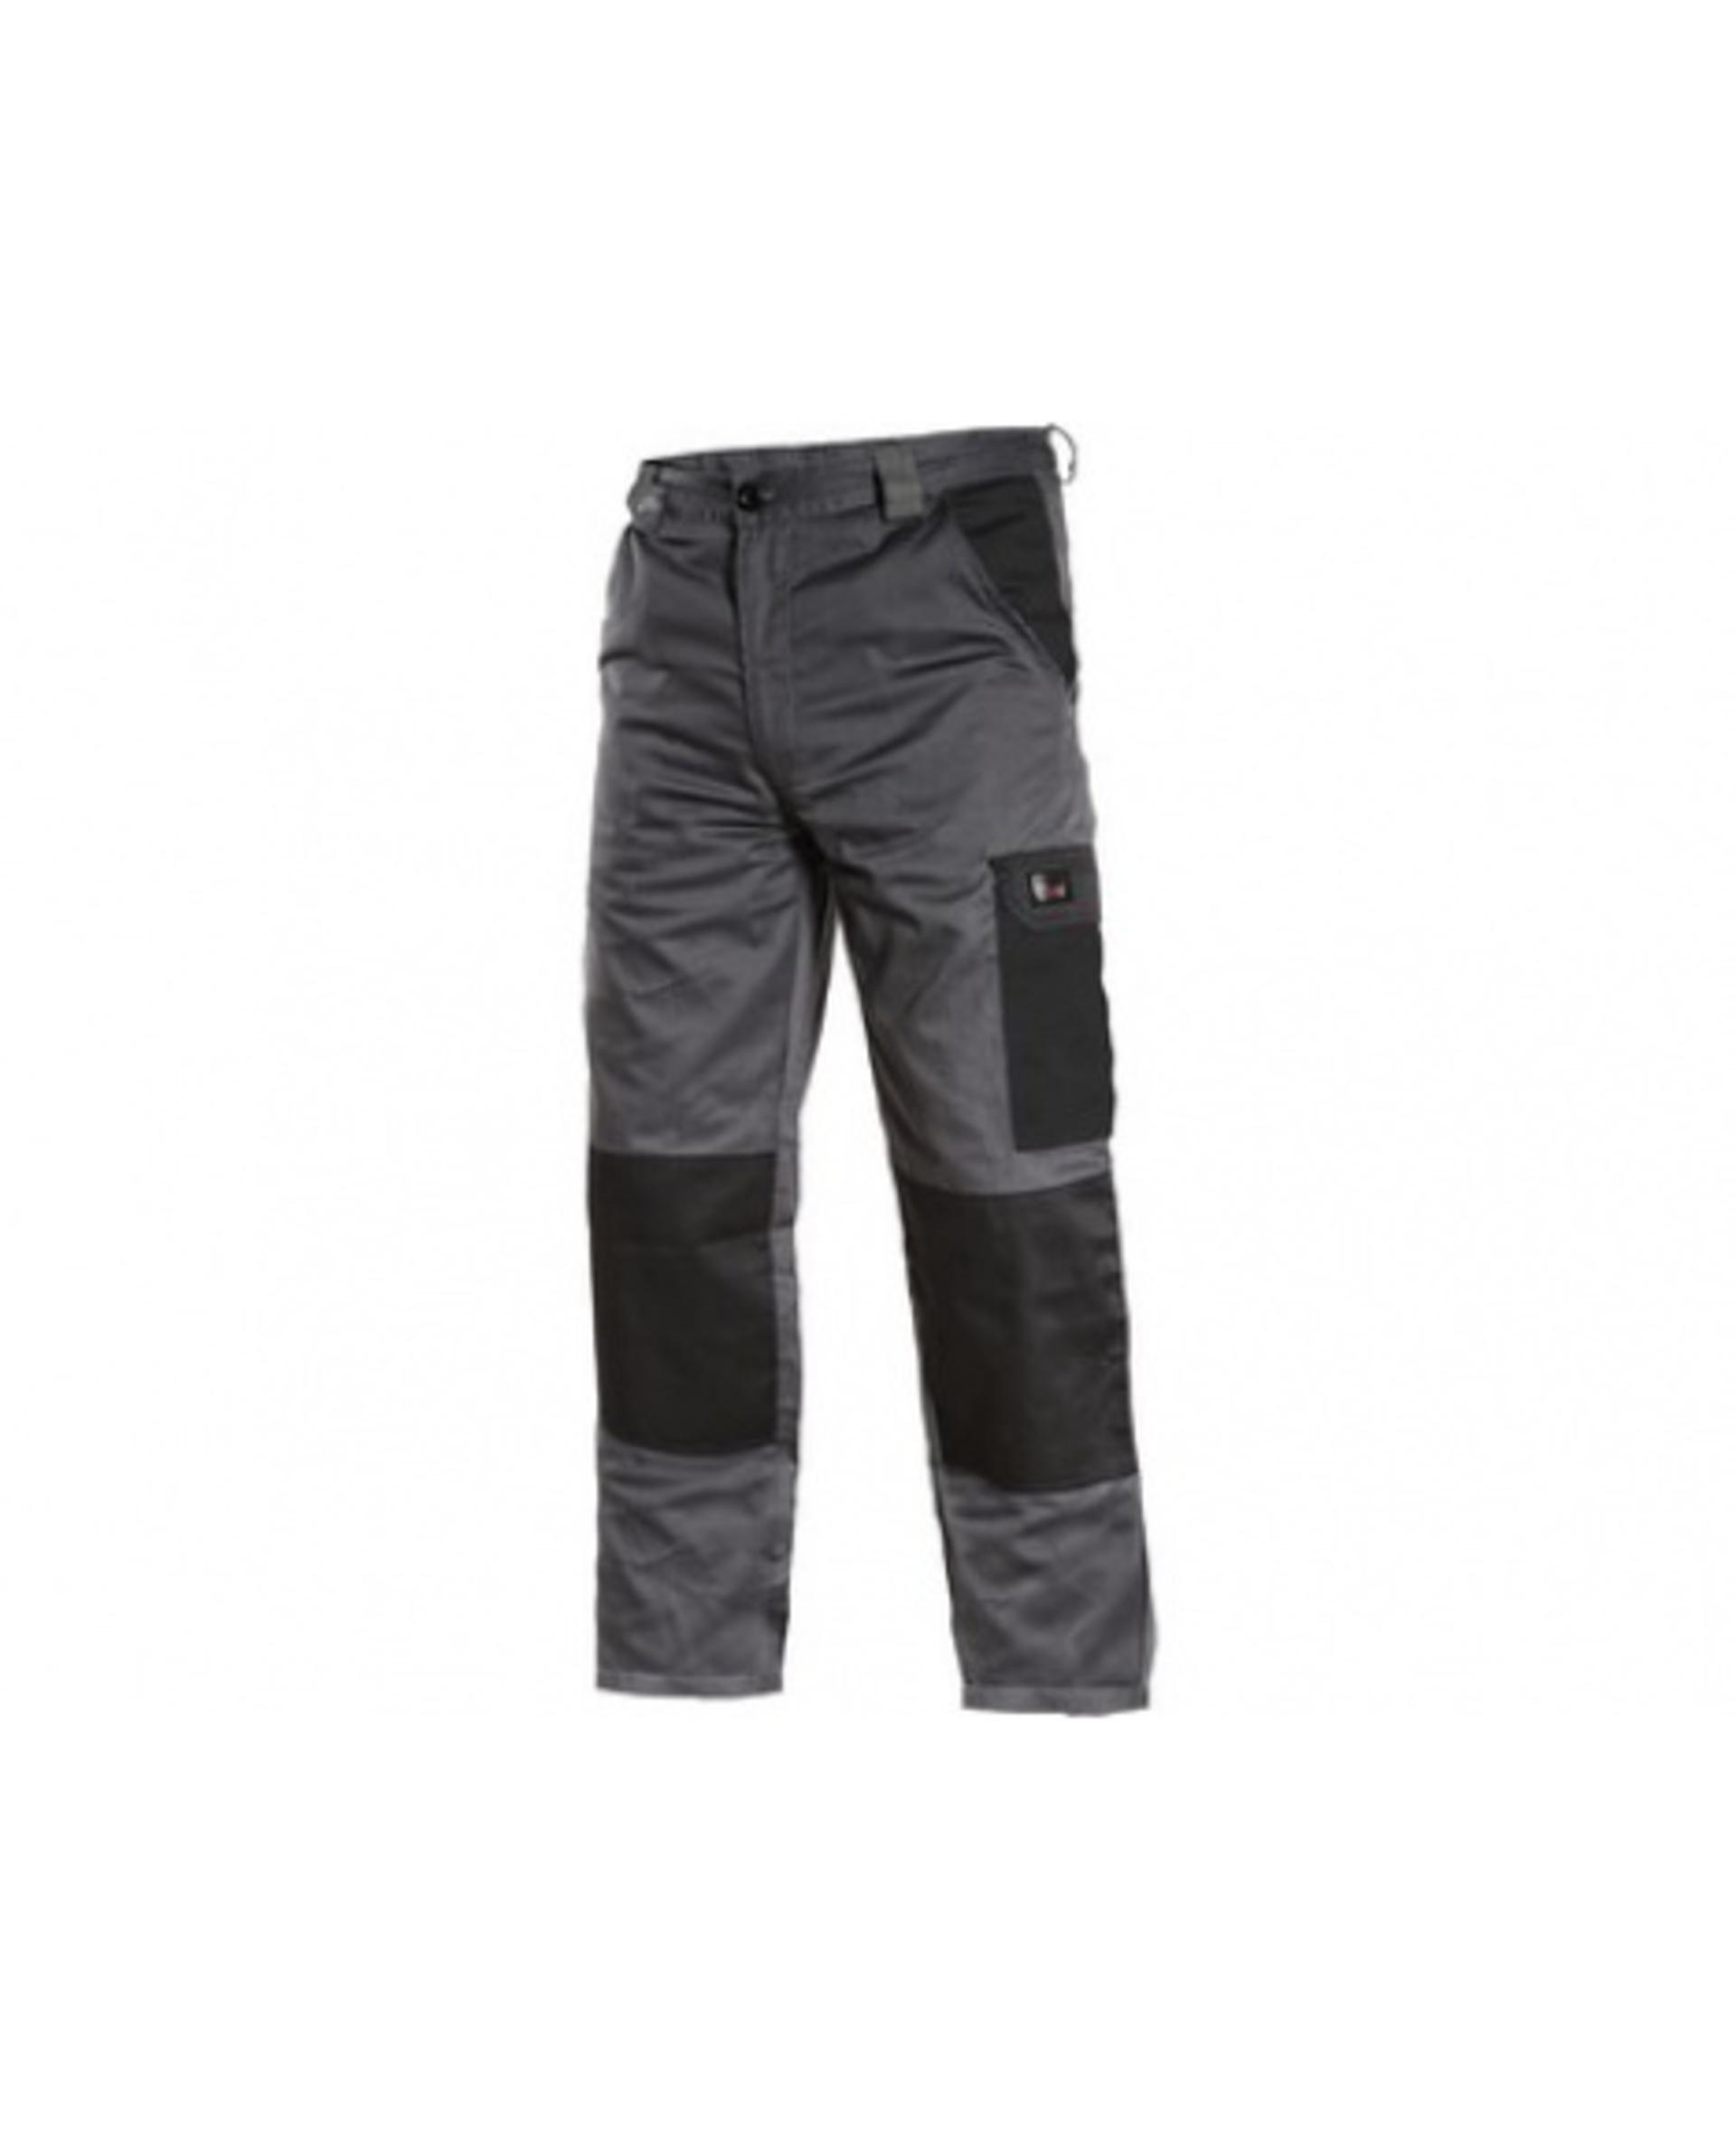 CXS PHOENIX CEFEUS pánské Kalhoty pracovní do pasu šedá/černá 64